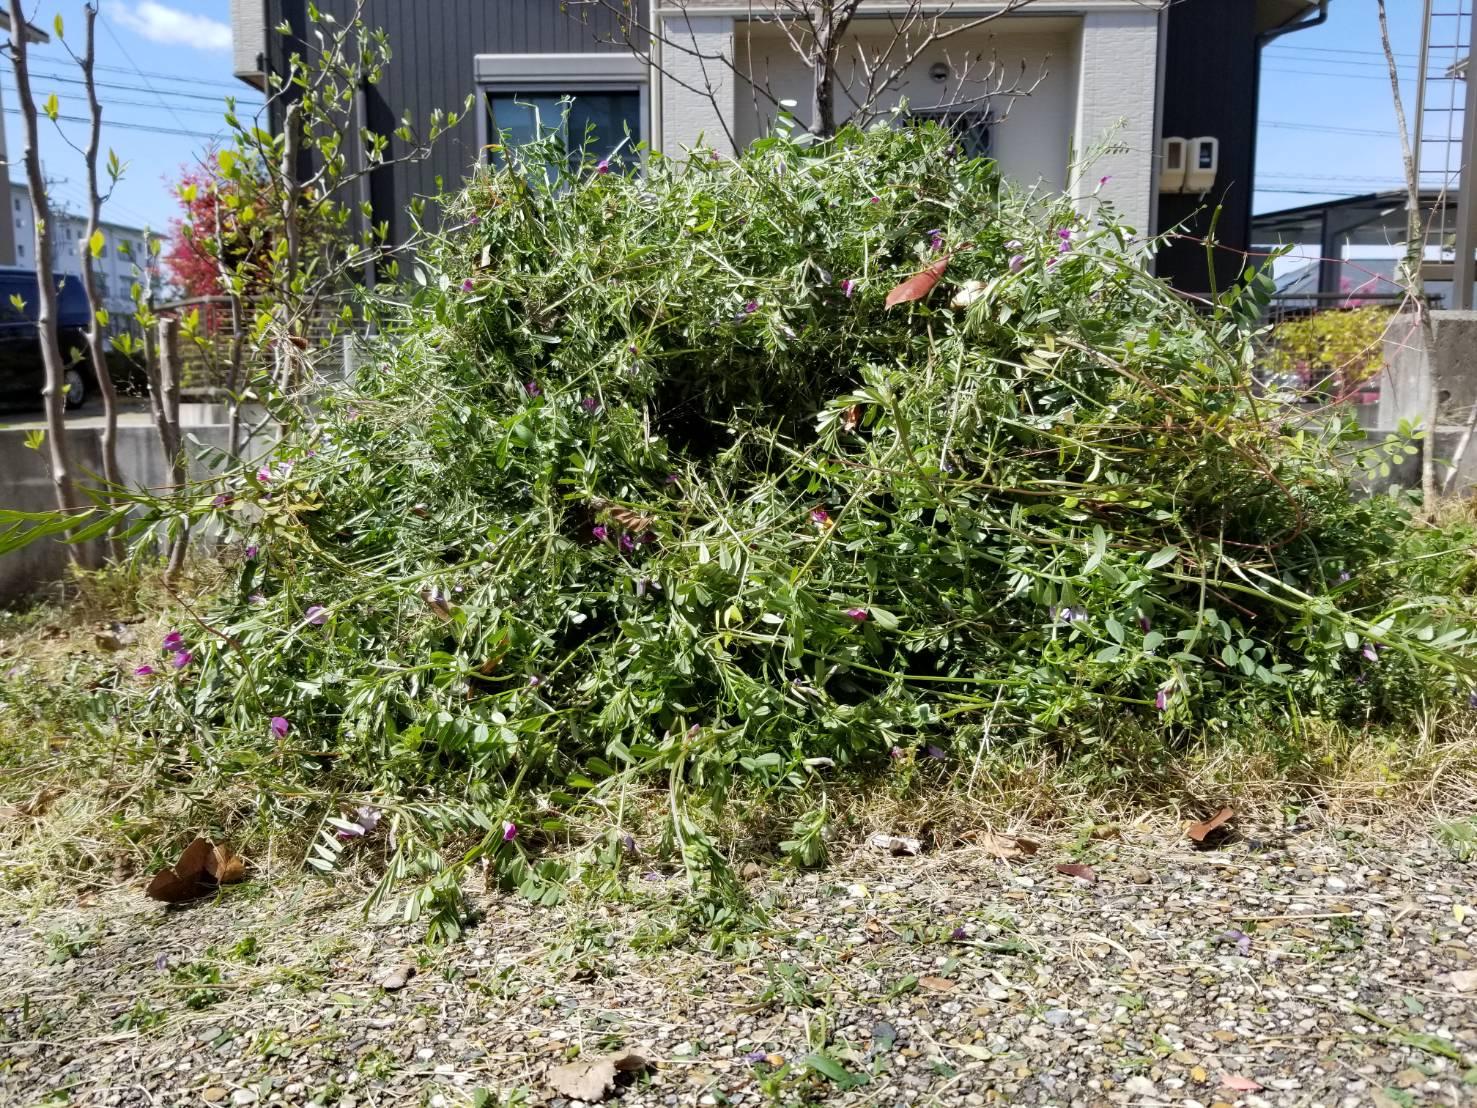 20200410 空き家管理 草刈り 草取り 除草作業 (2)